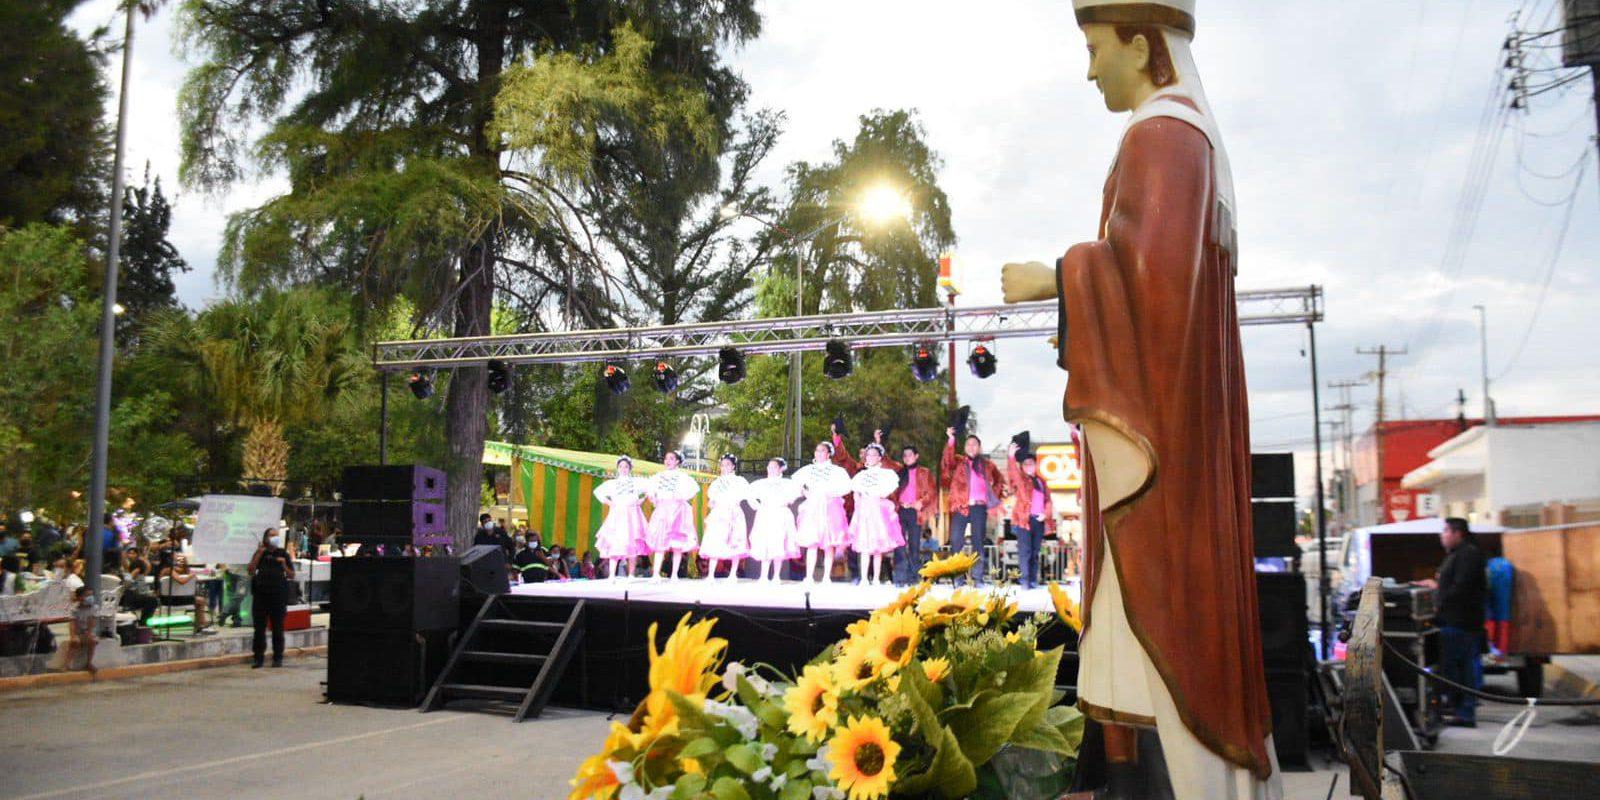 Festival artístico y pirotecnia en honor al Santo Patrono San Buenaventura